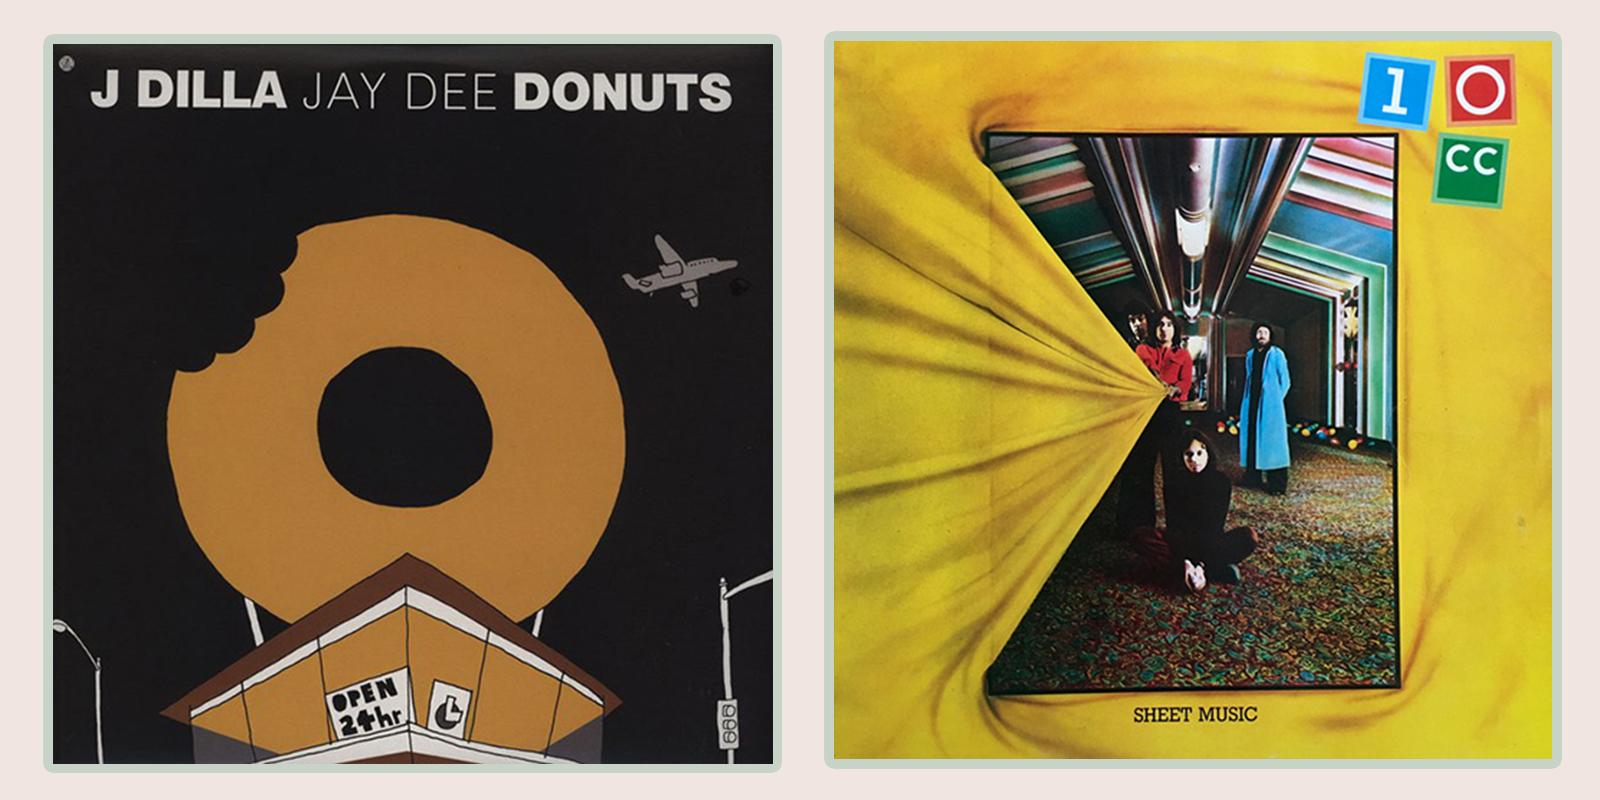 donuts 10cc